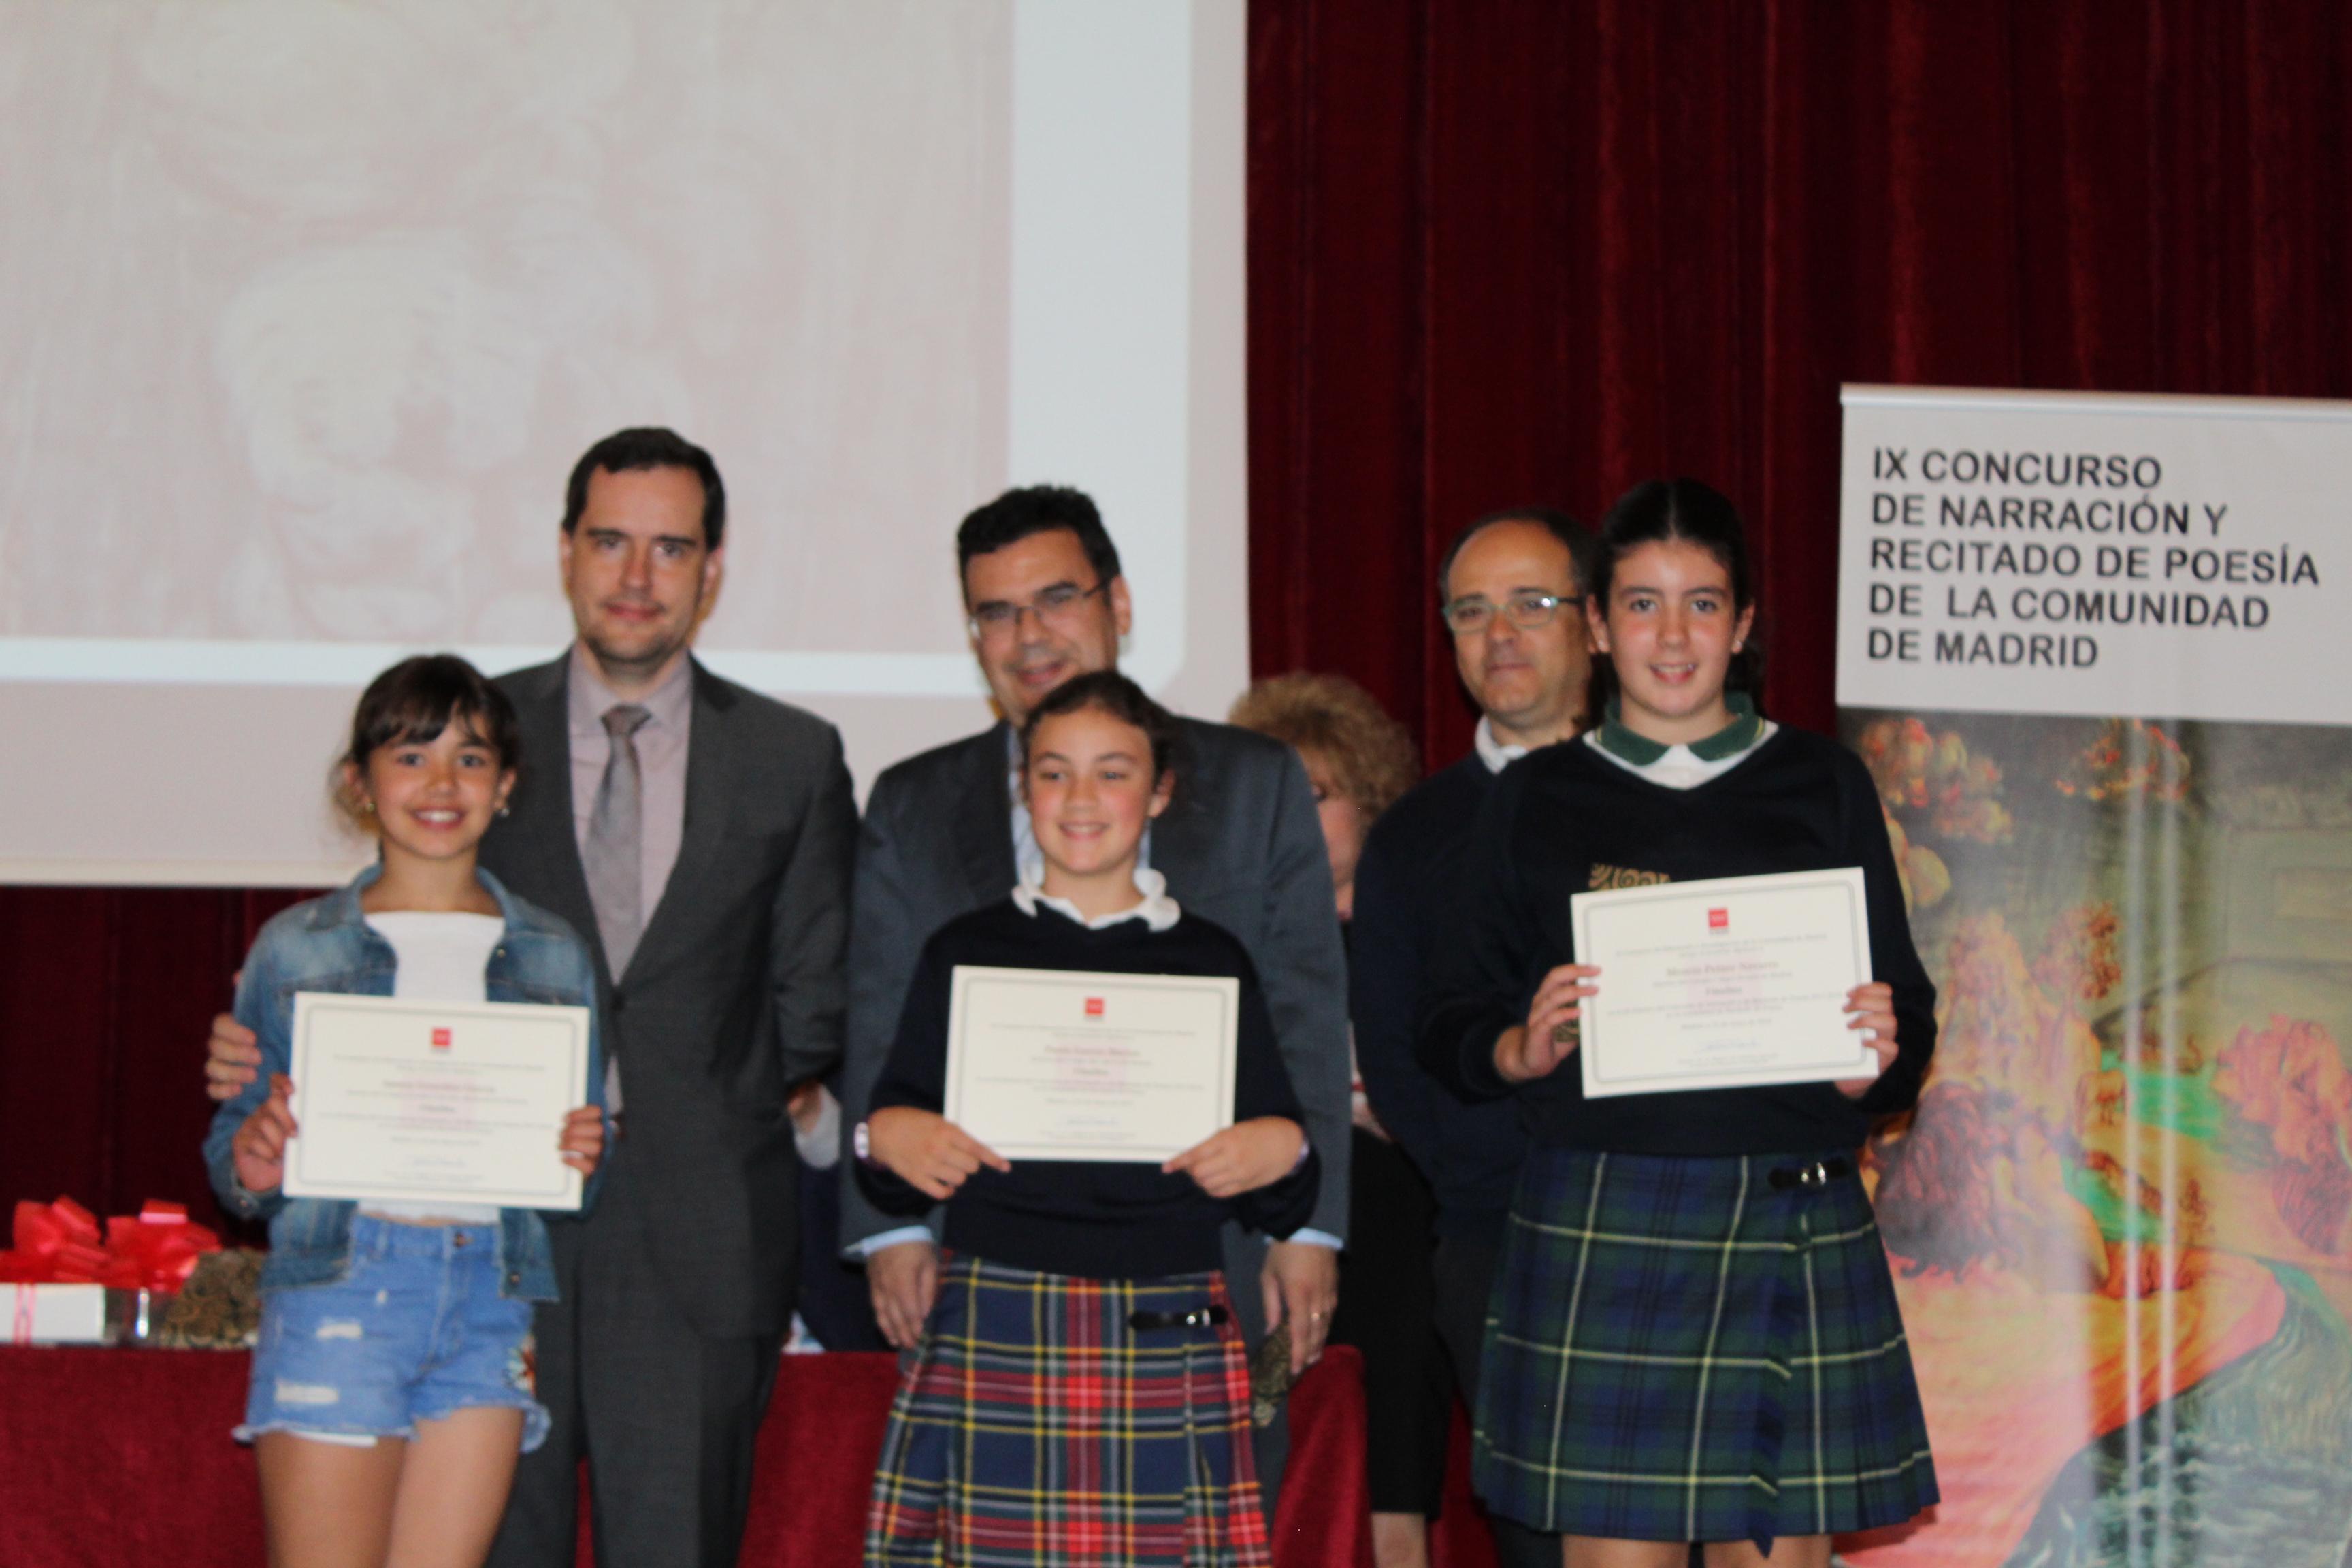 Entrega de los premios del IX Concurso de Narración y Recitado de Poesía 23